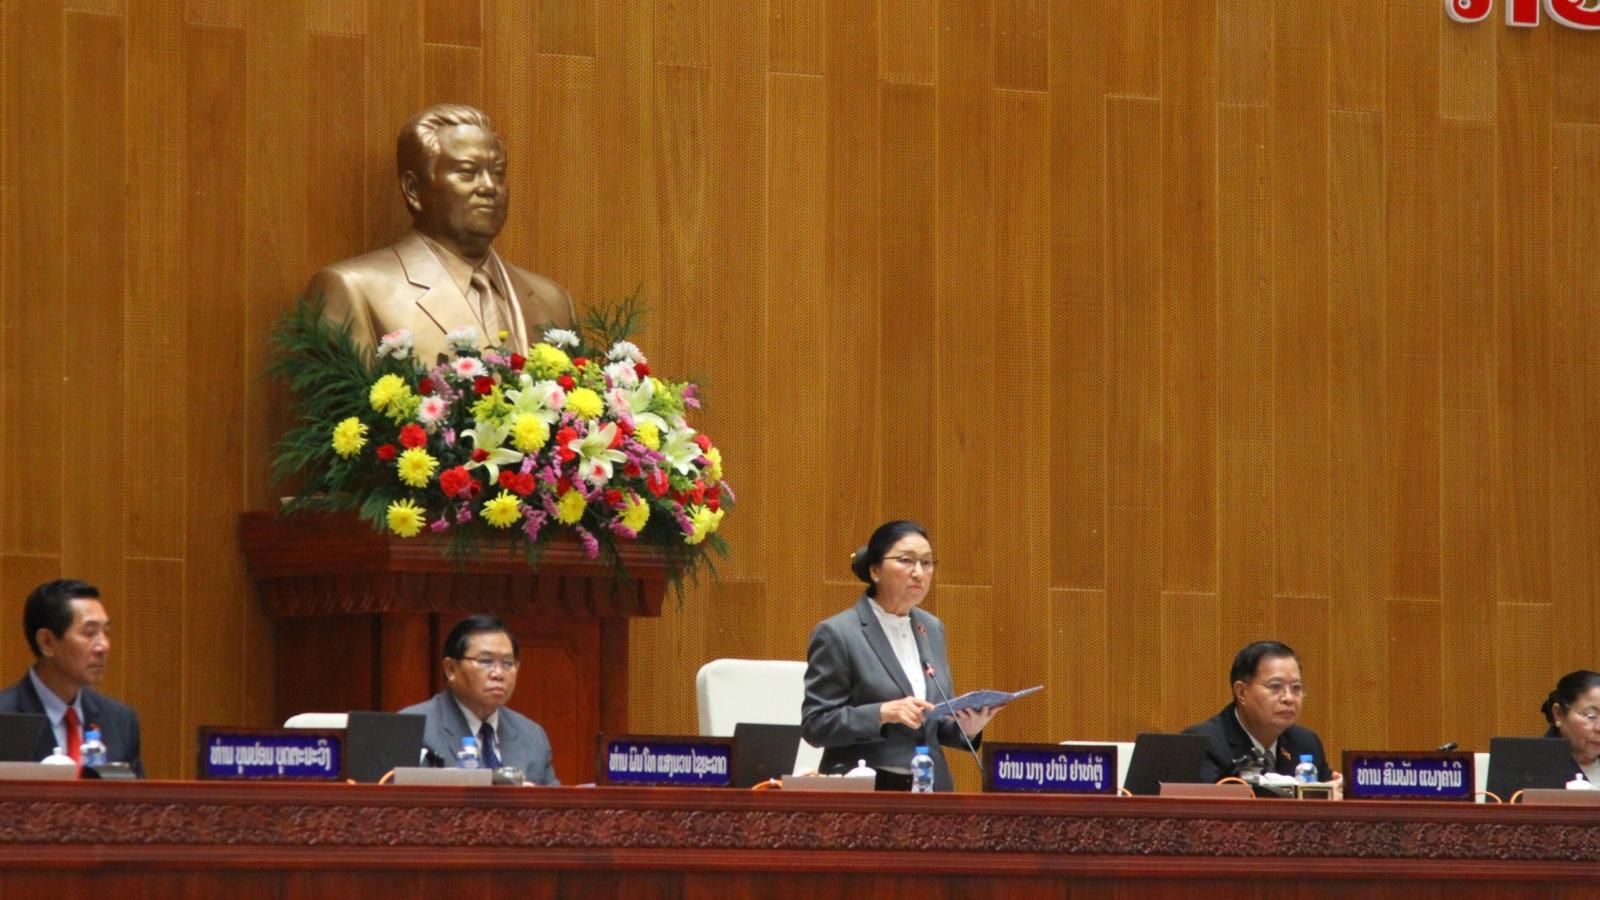 Lào kiện toàn các chức danh lãnh đạo chủ chốt của đất nước nhiệm kỳ mới